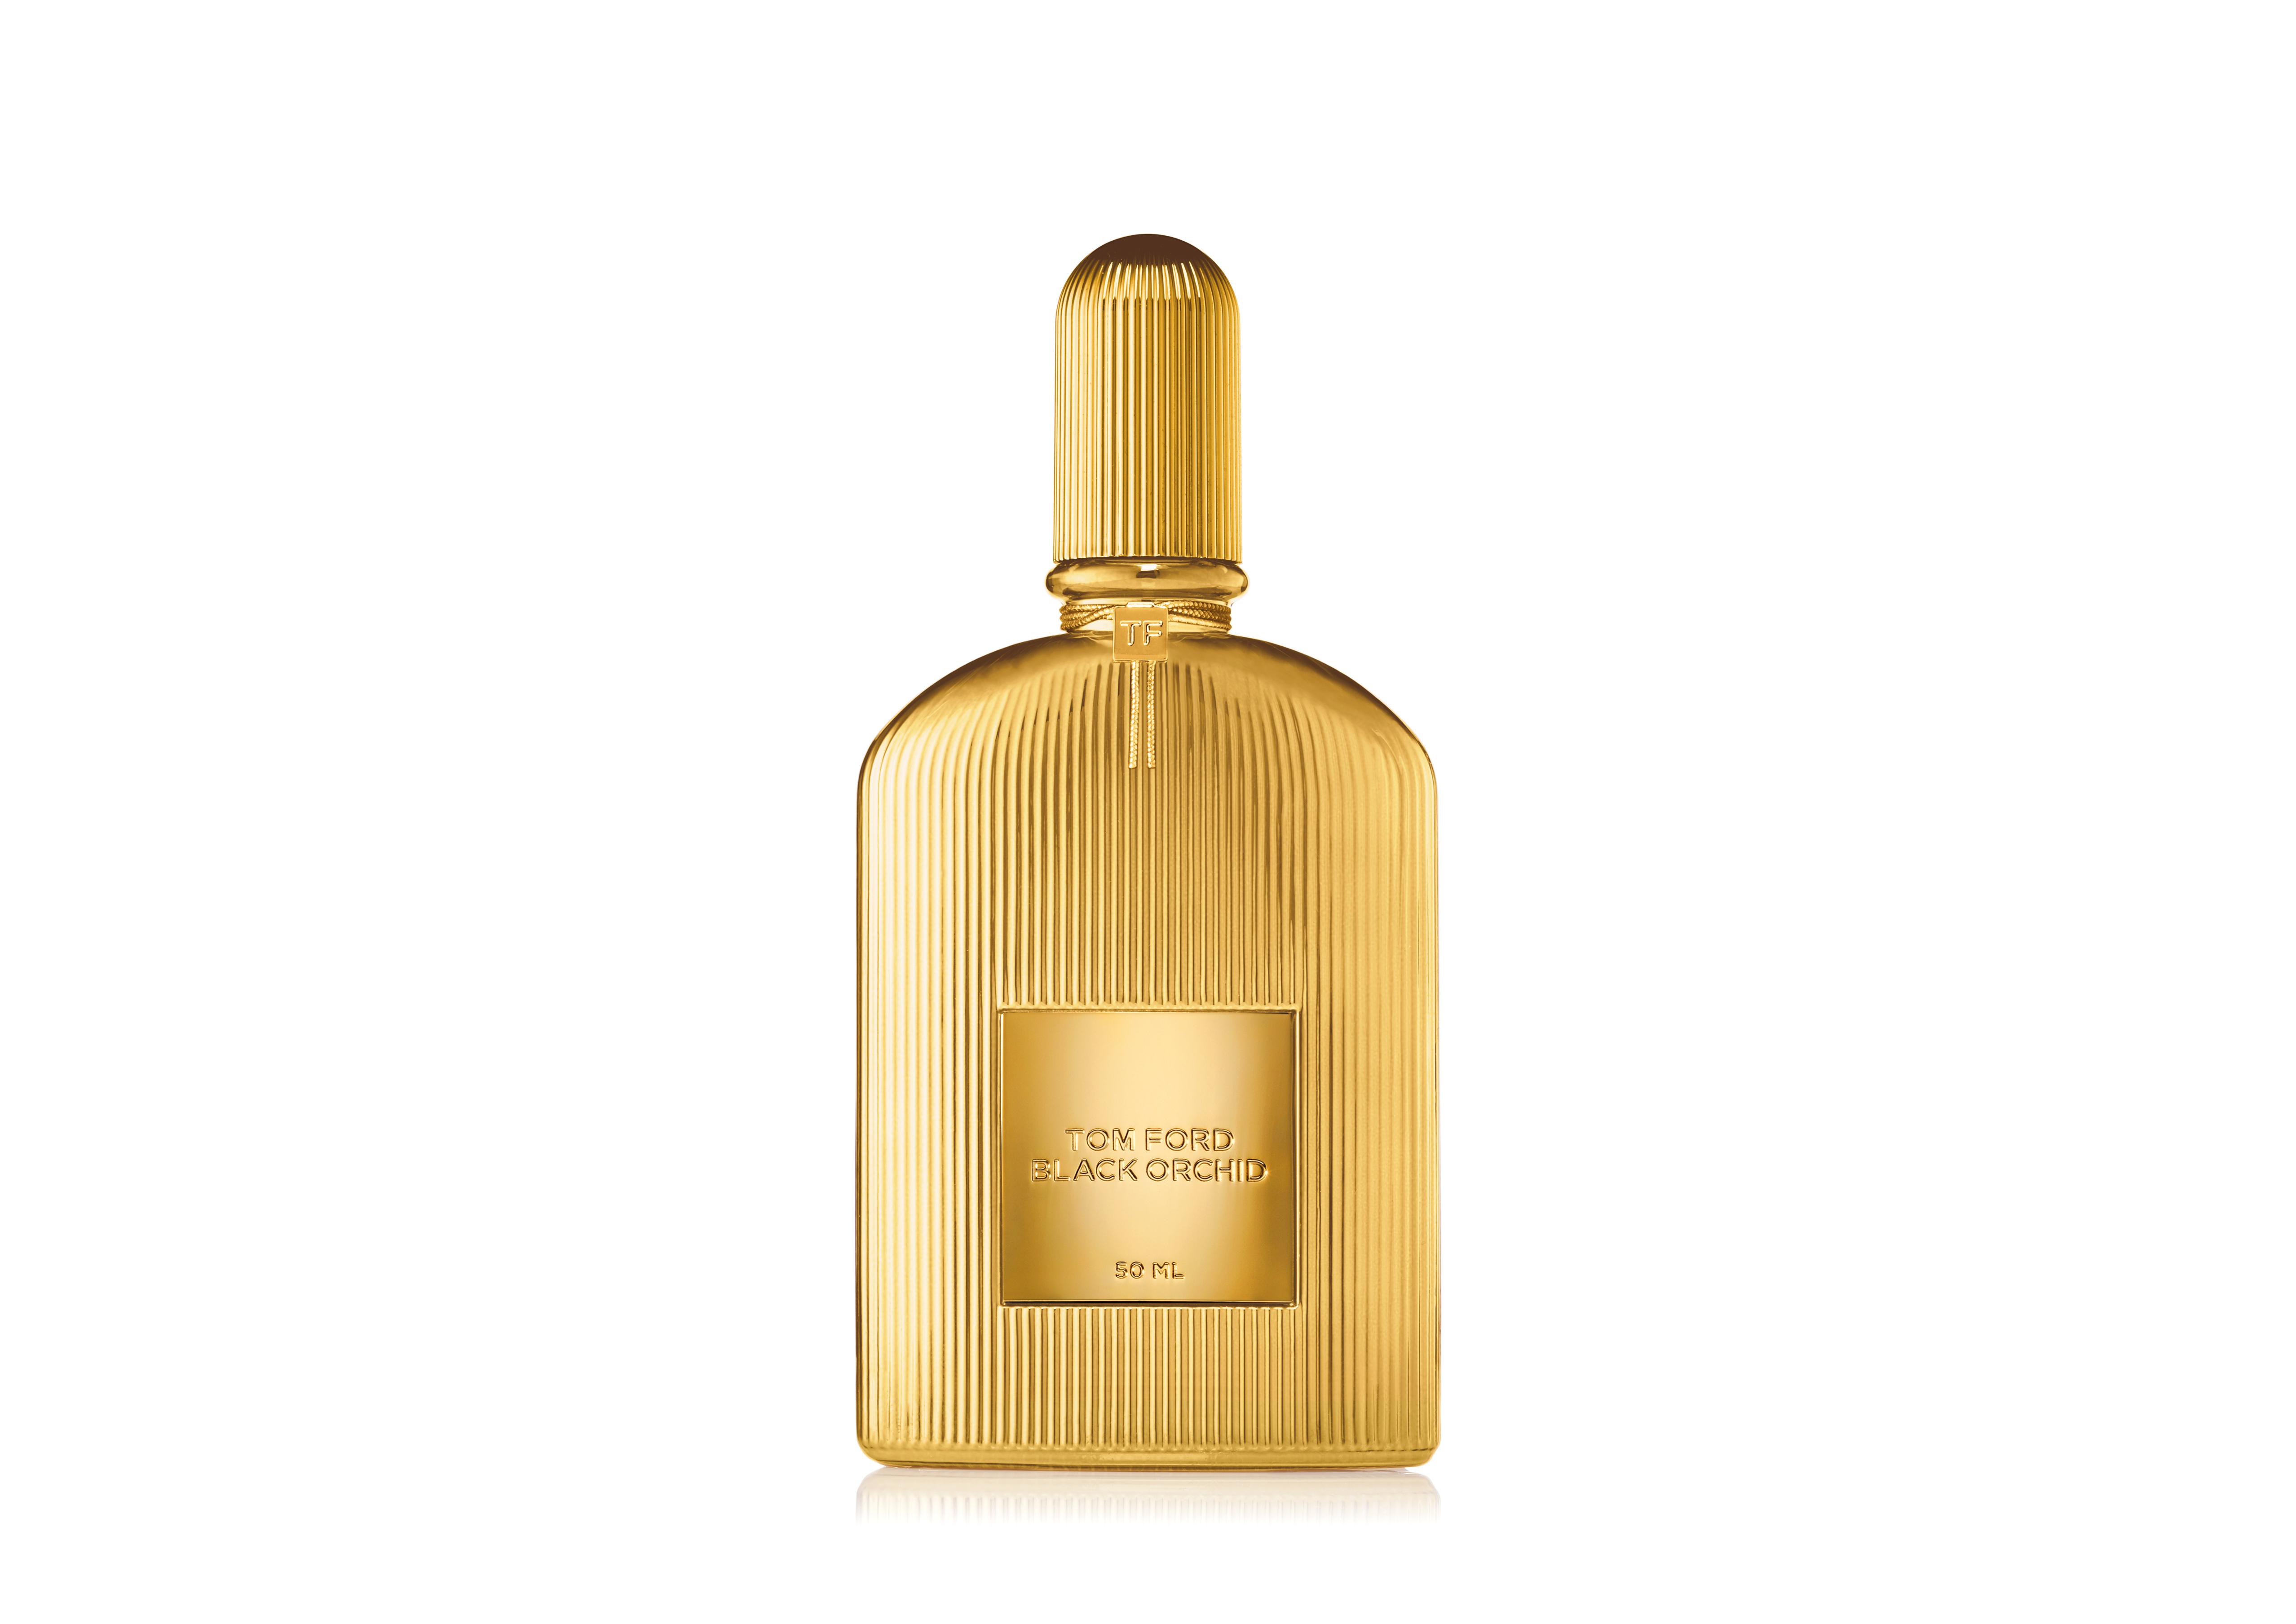 Tom Ford Black Orchid Parfum, best cologne for men